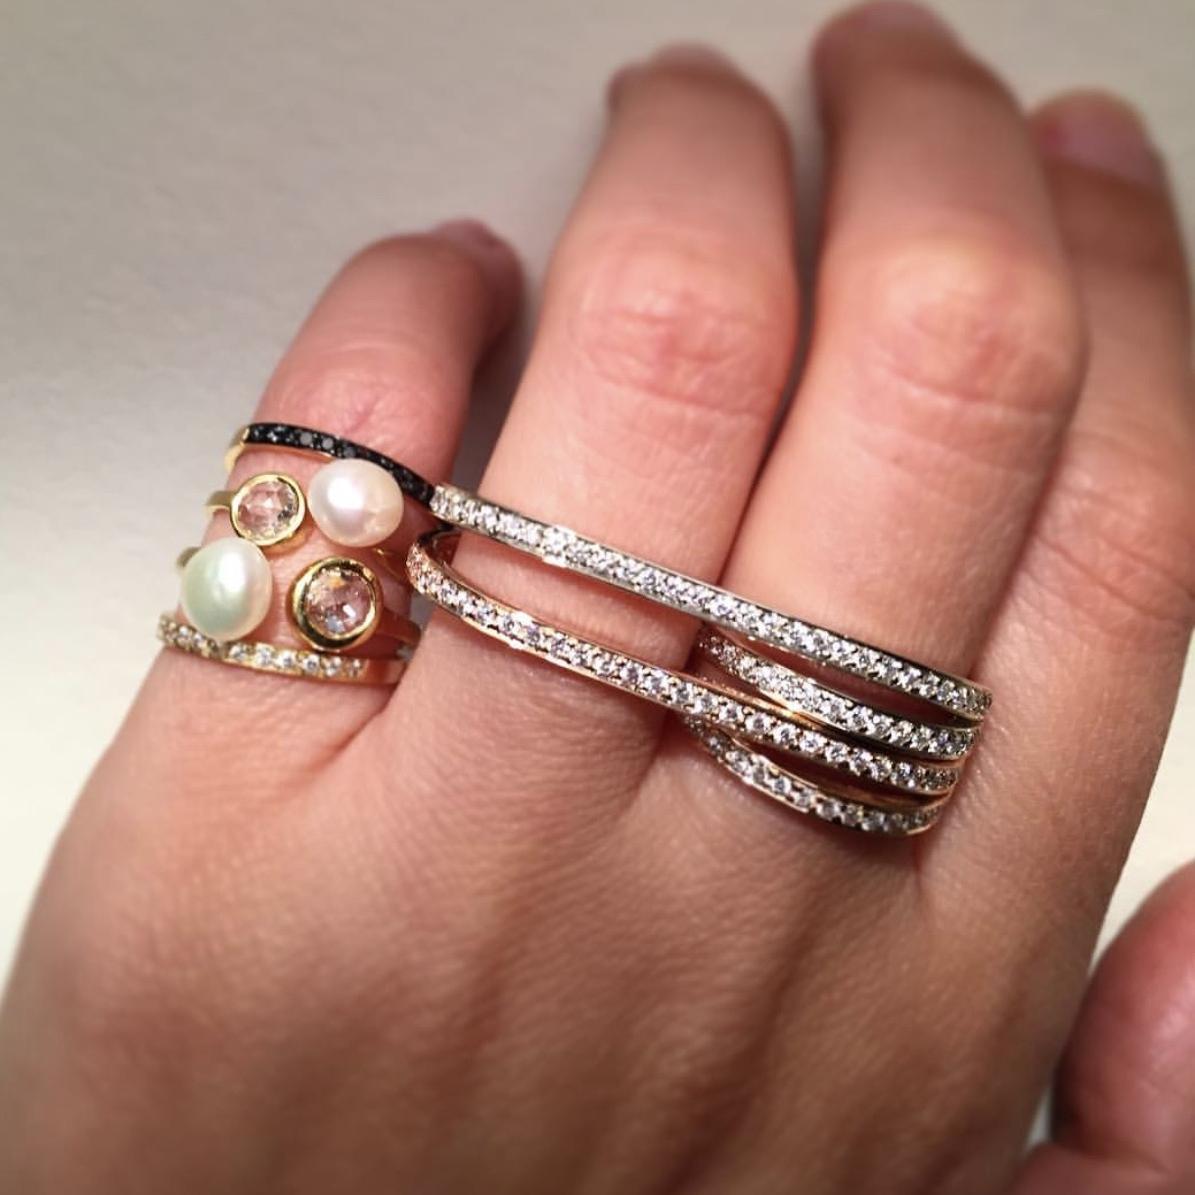 Halleh's Armor: Pinky rings